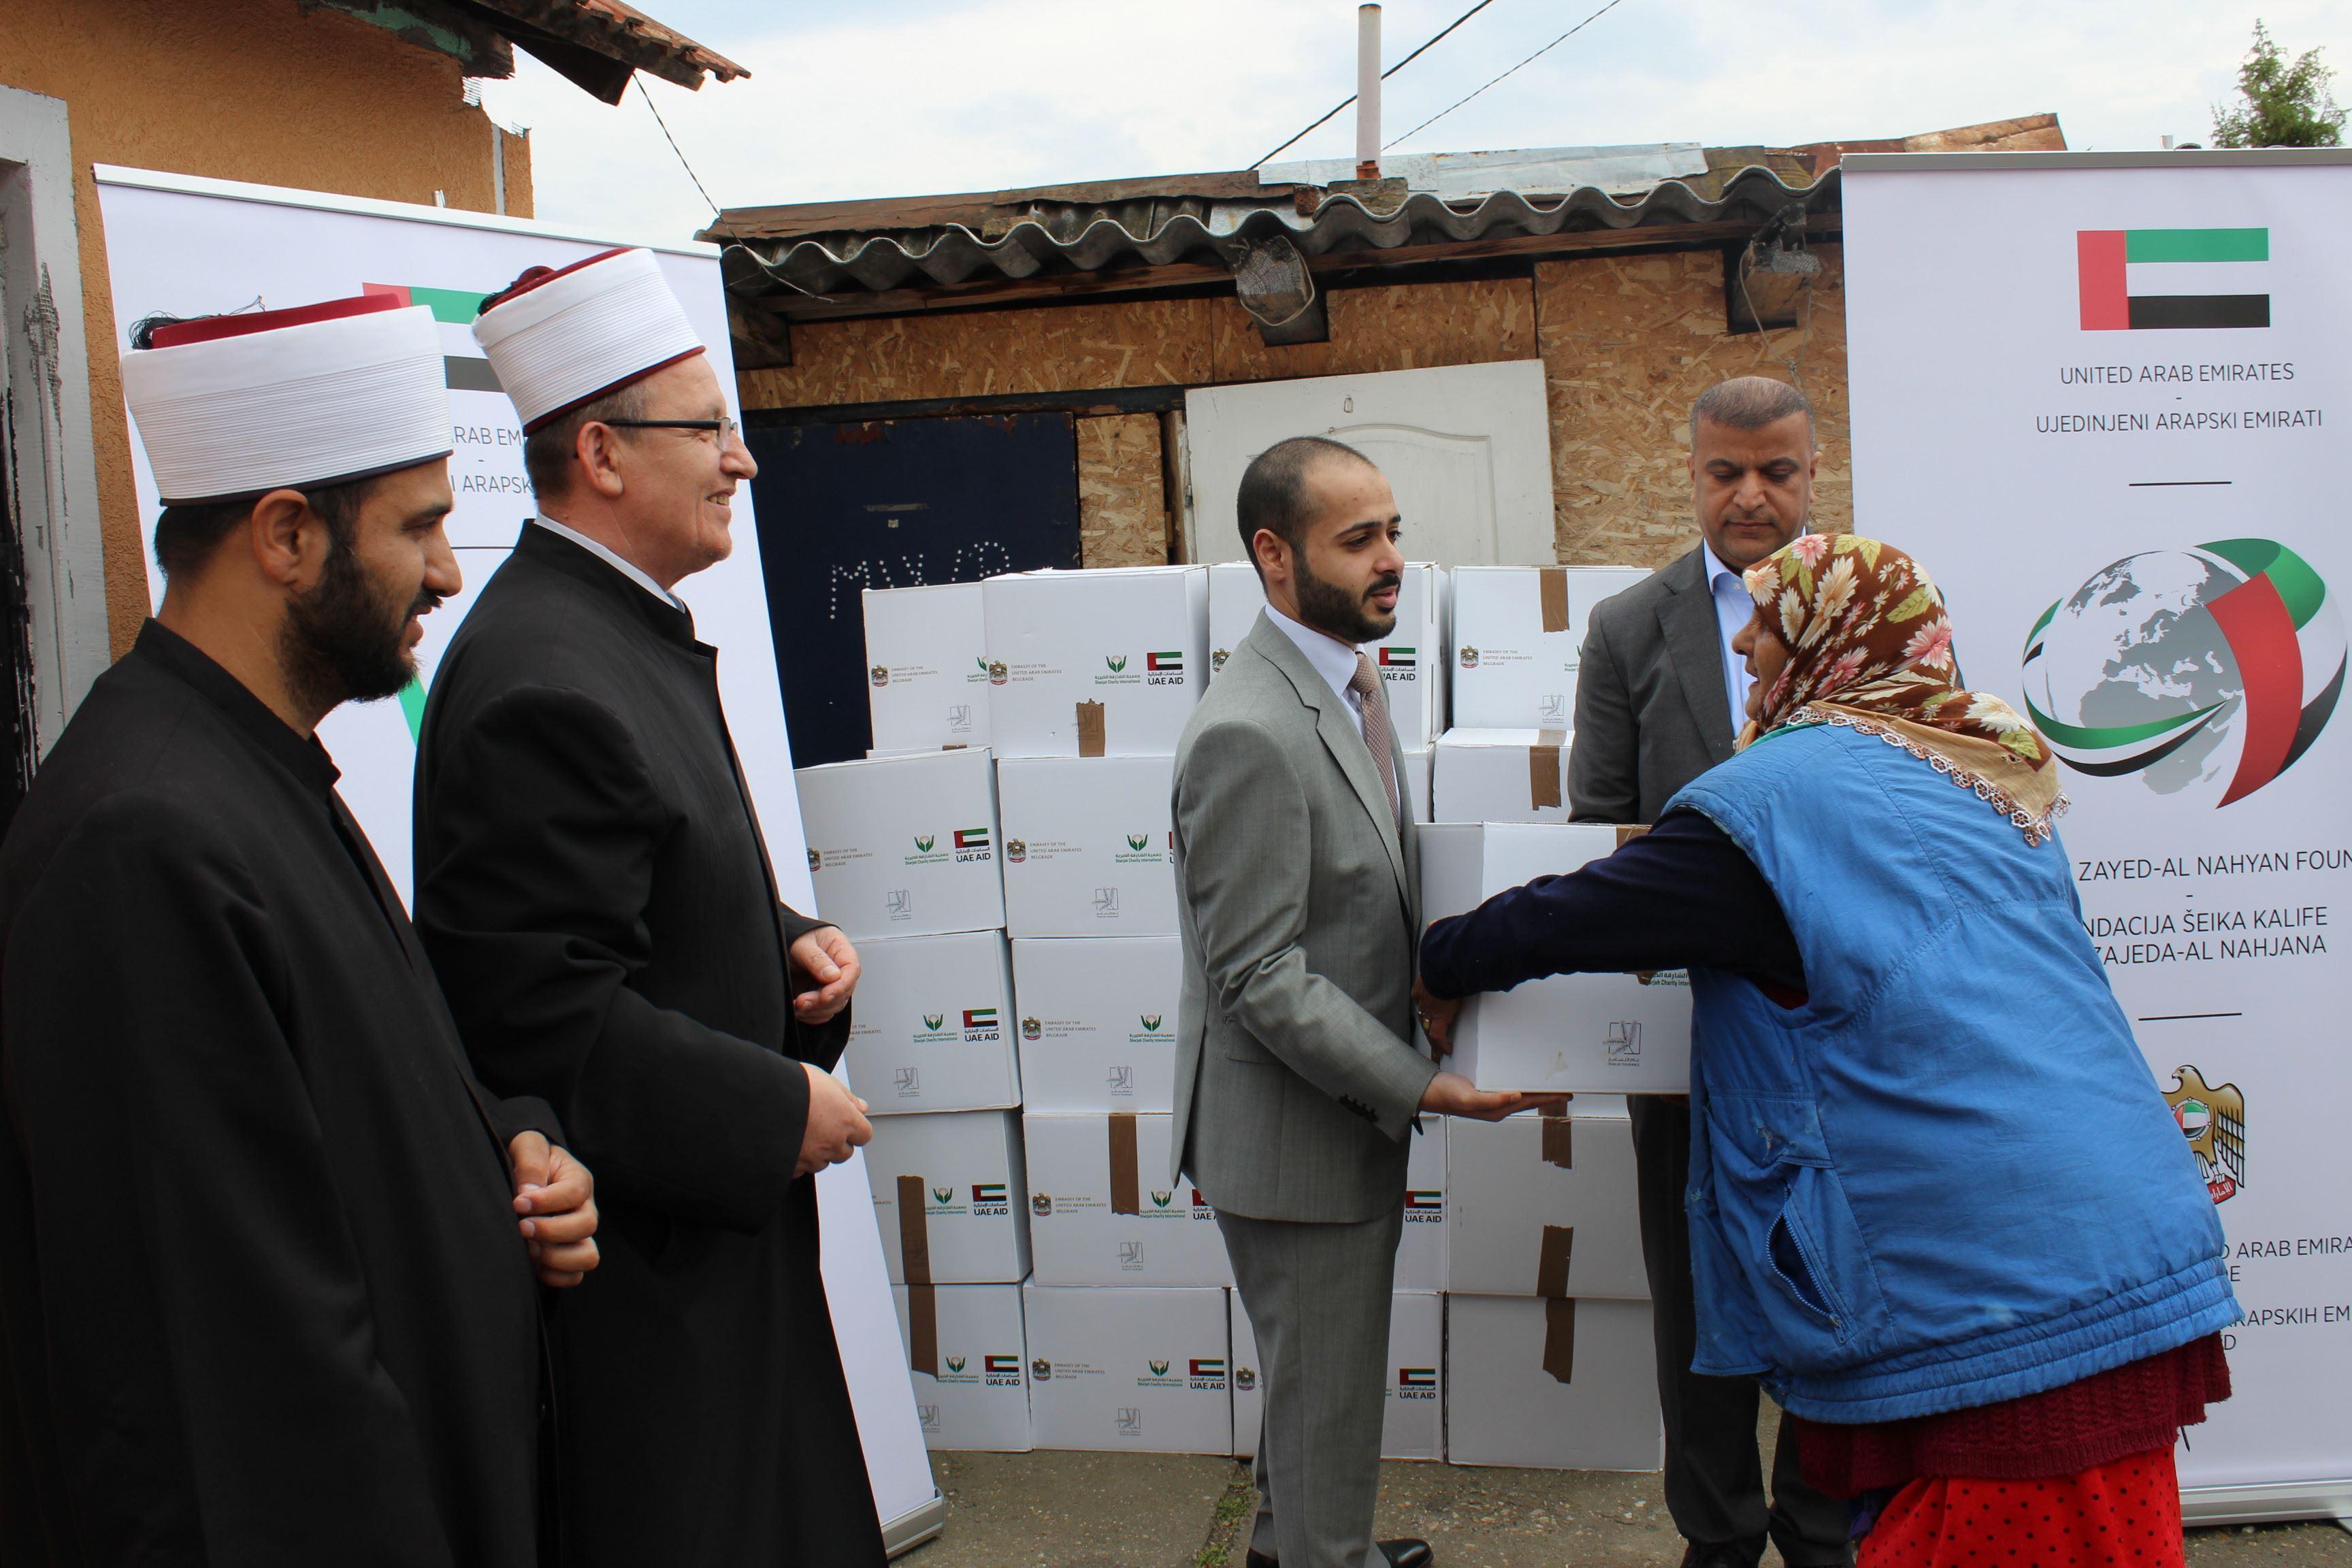 سفارات وقنصليات الدولة تواصل تنفيذ مشروع الإفطار الرمضاني 2019